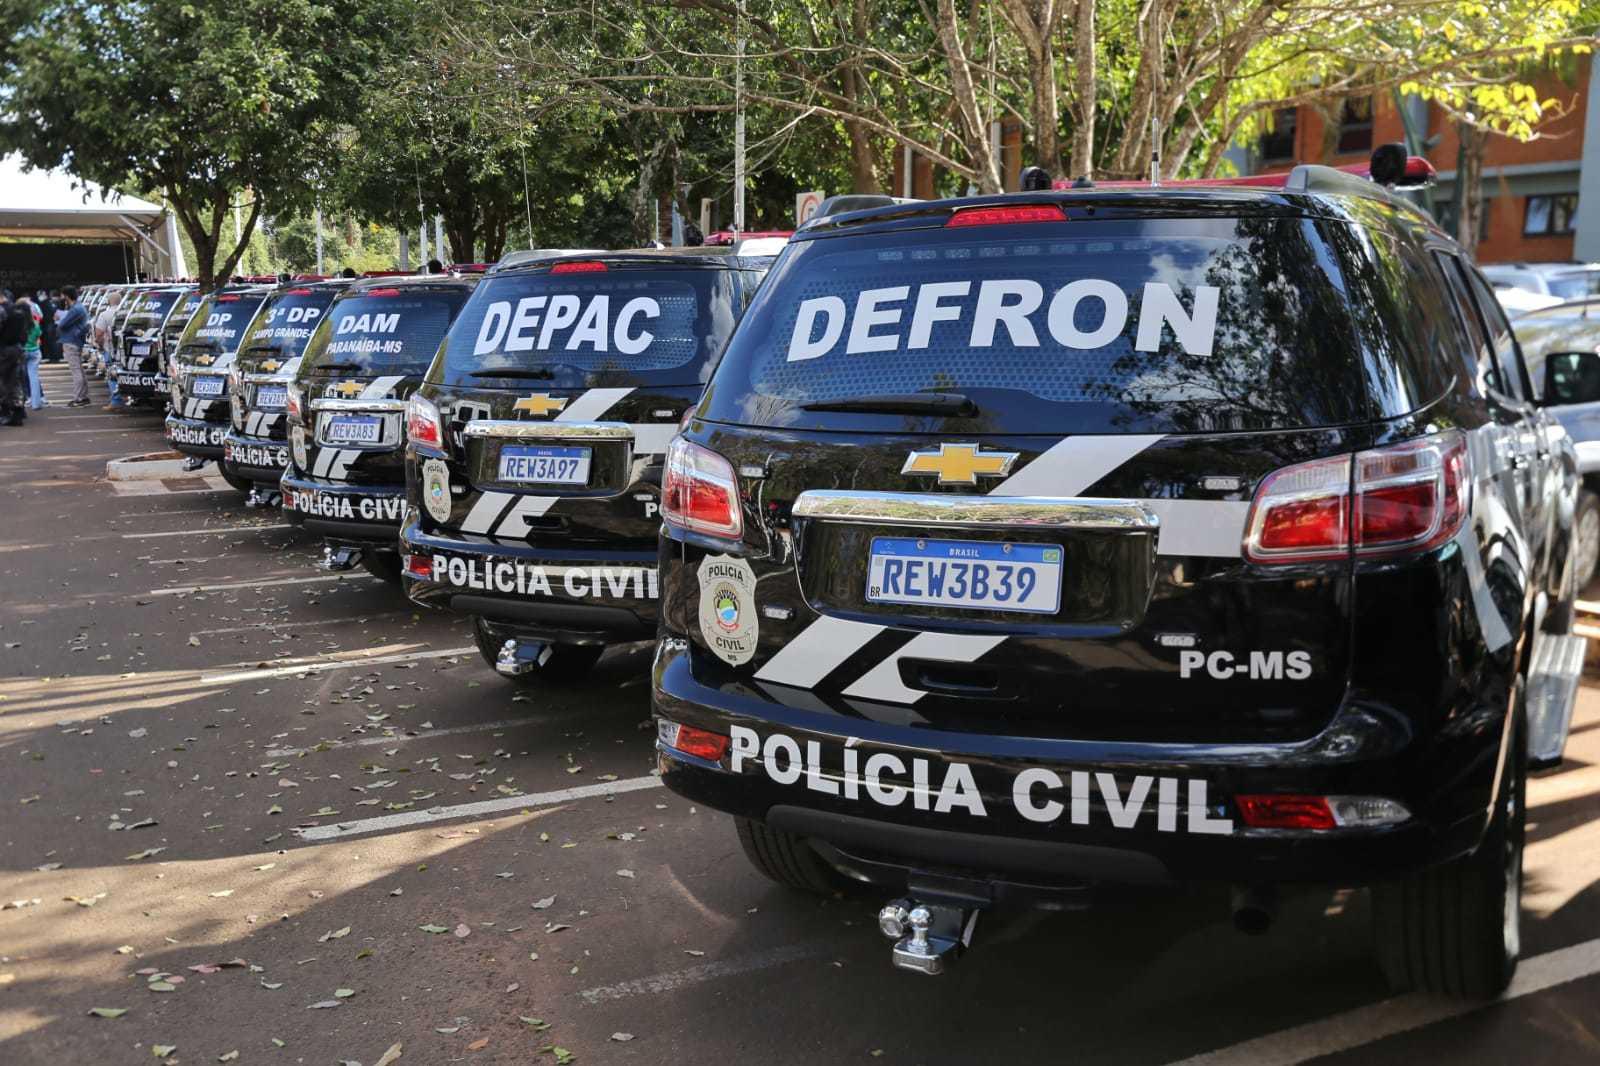 Viaturas vão reforçar policiamento e trabalho de investigação tantop no interior como na Capital (Foto: Paulo Francis)